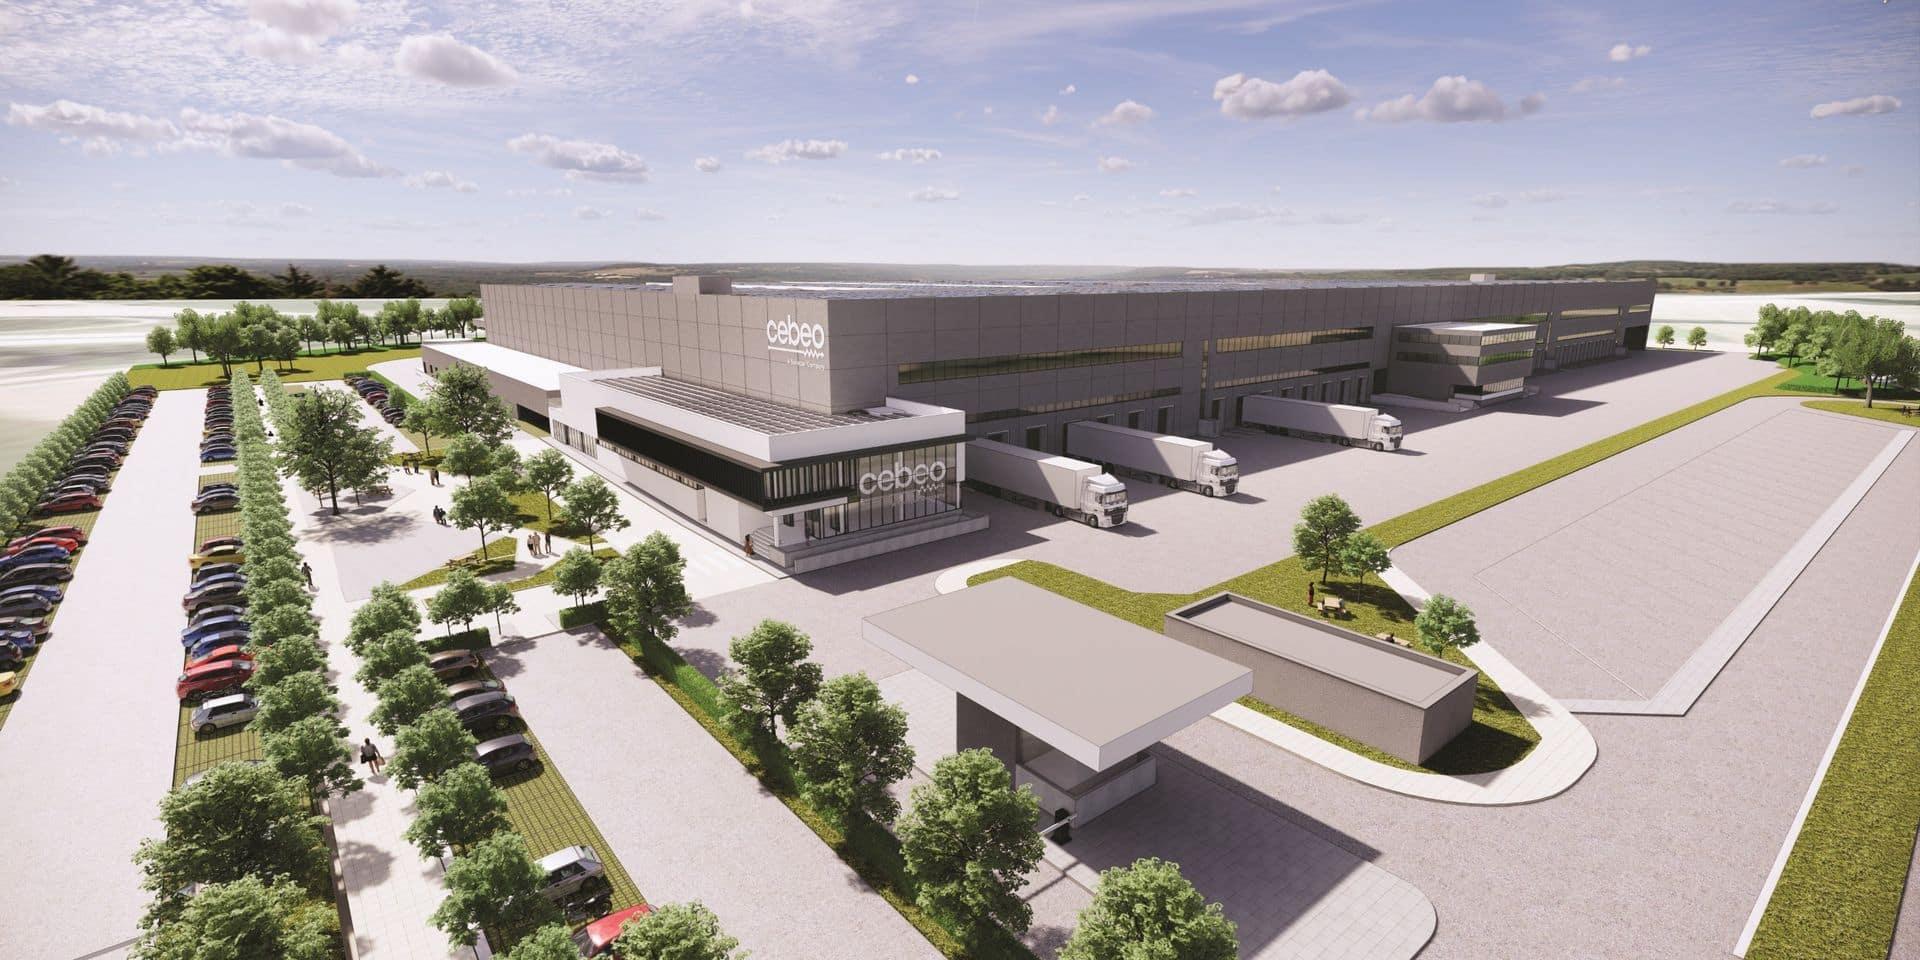 Cebeo va construire son nouveau centre de distribution dans le zoning Tournai Ouest 3